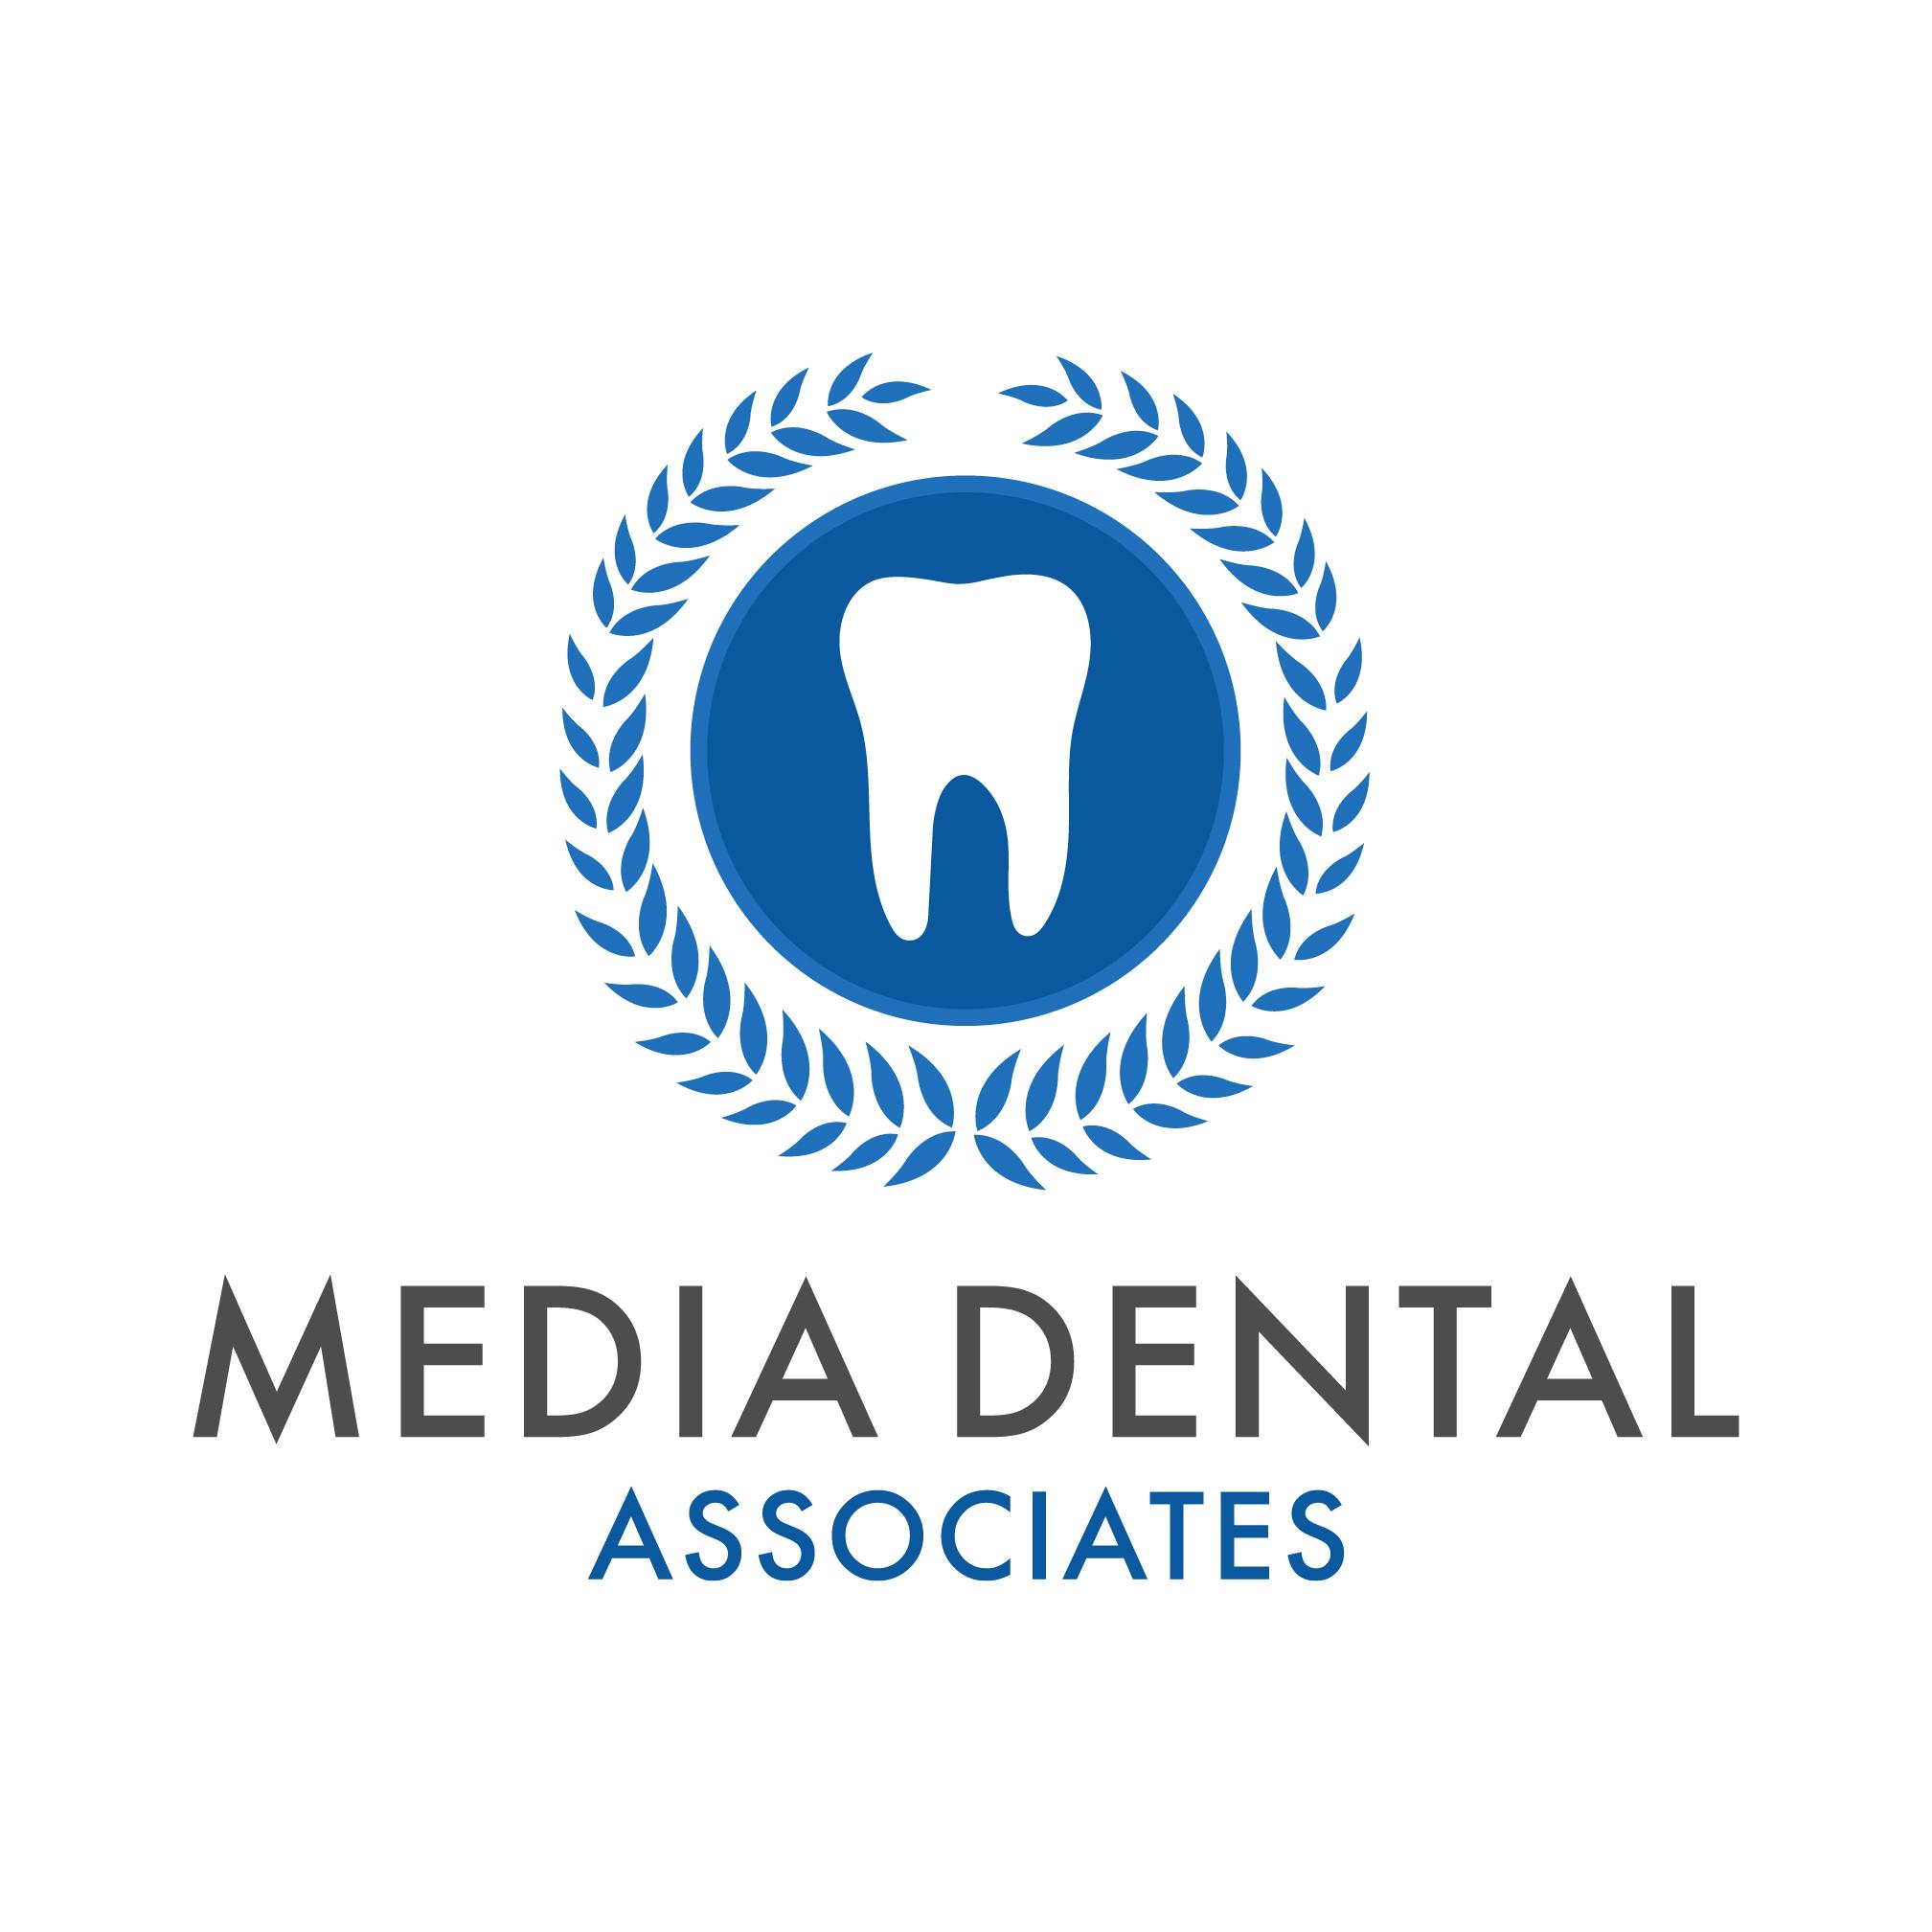 Media Dental Associates